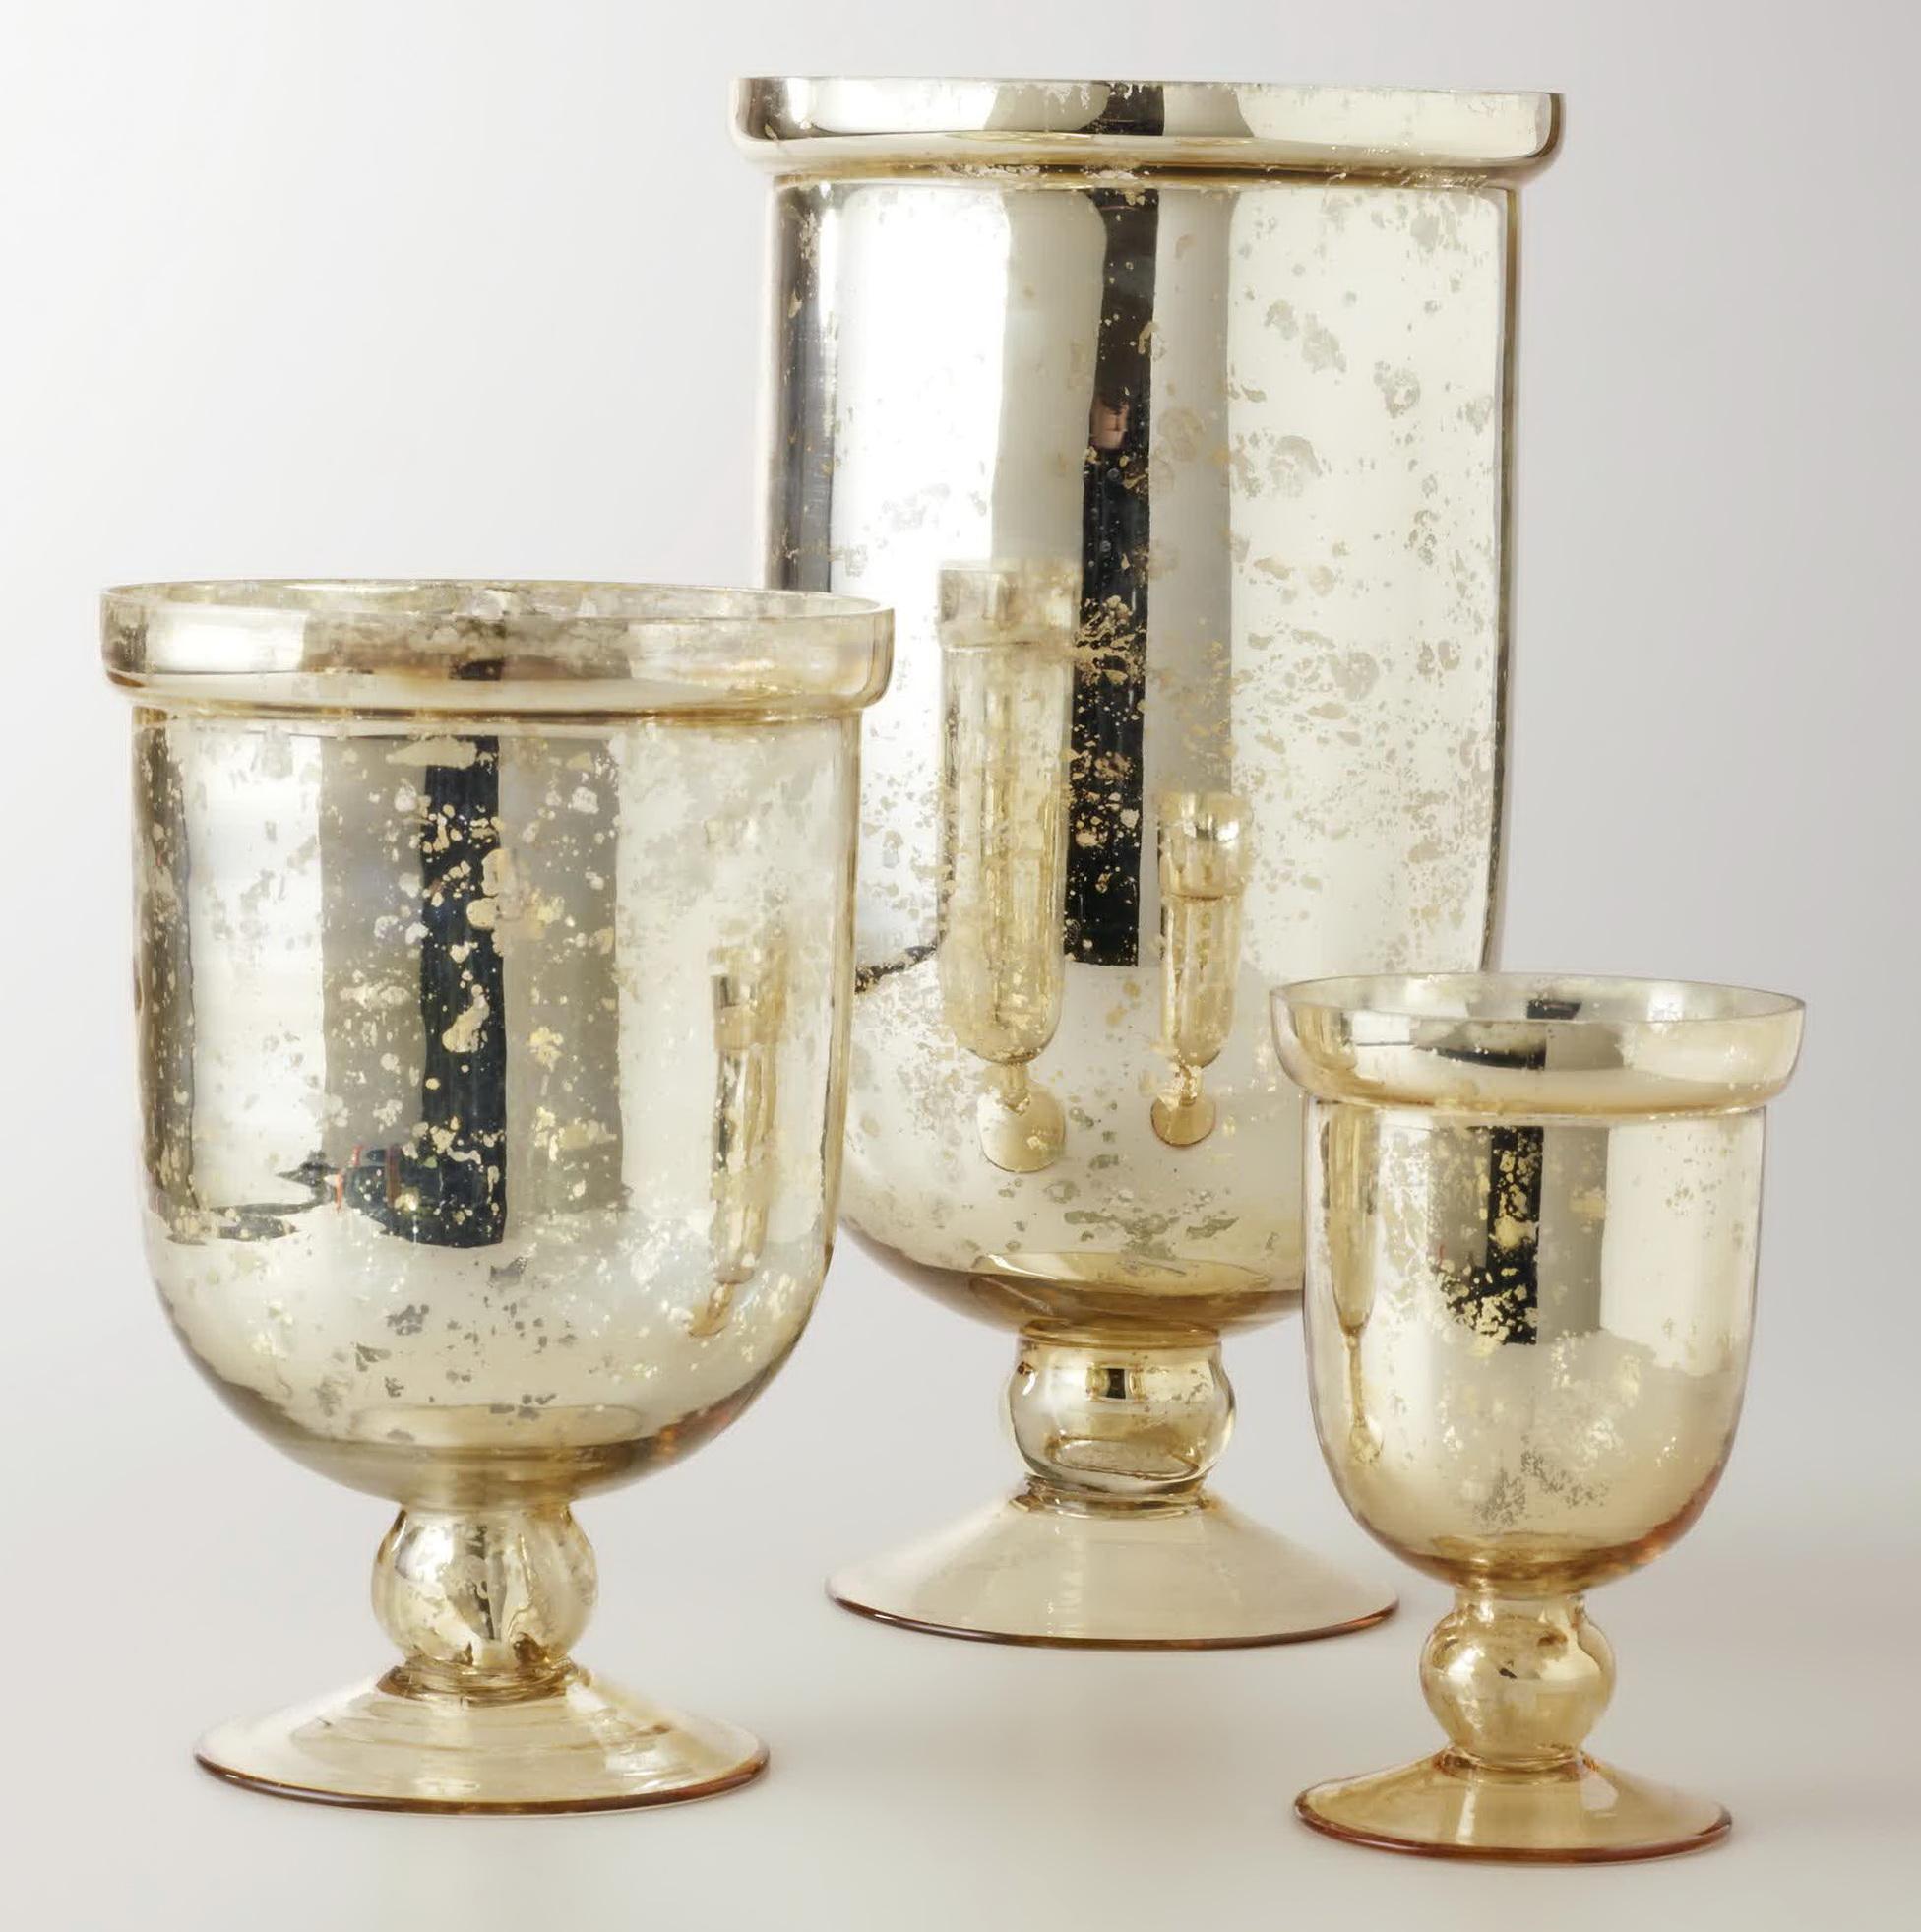 Antique Mercury Glass Vases